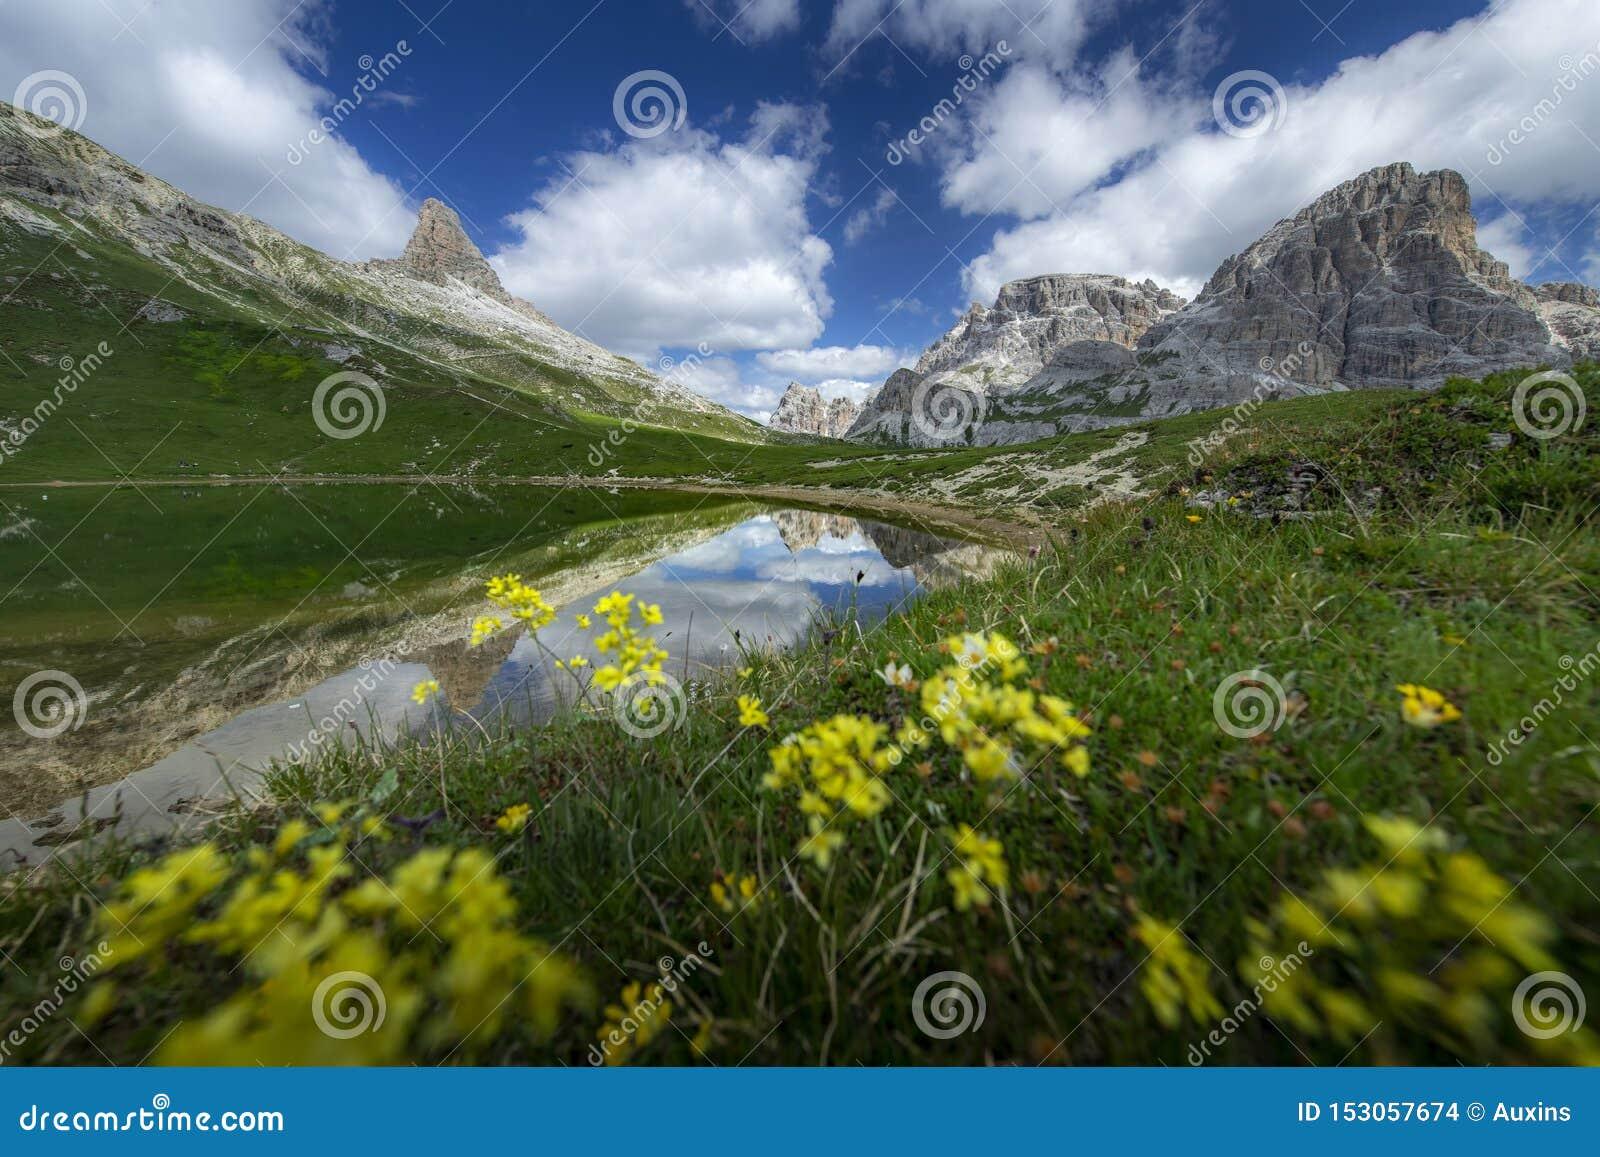 Les paysages stupéfiants regardent de l étang et de la montagne verte avec le ciel bleu l été des dolomites, Italie